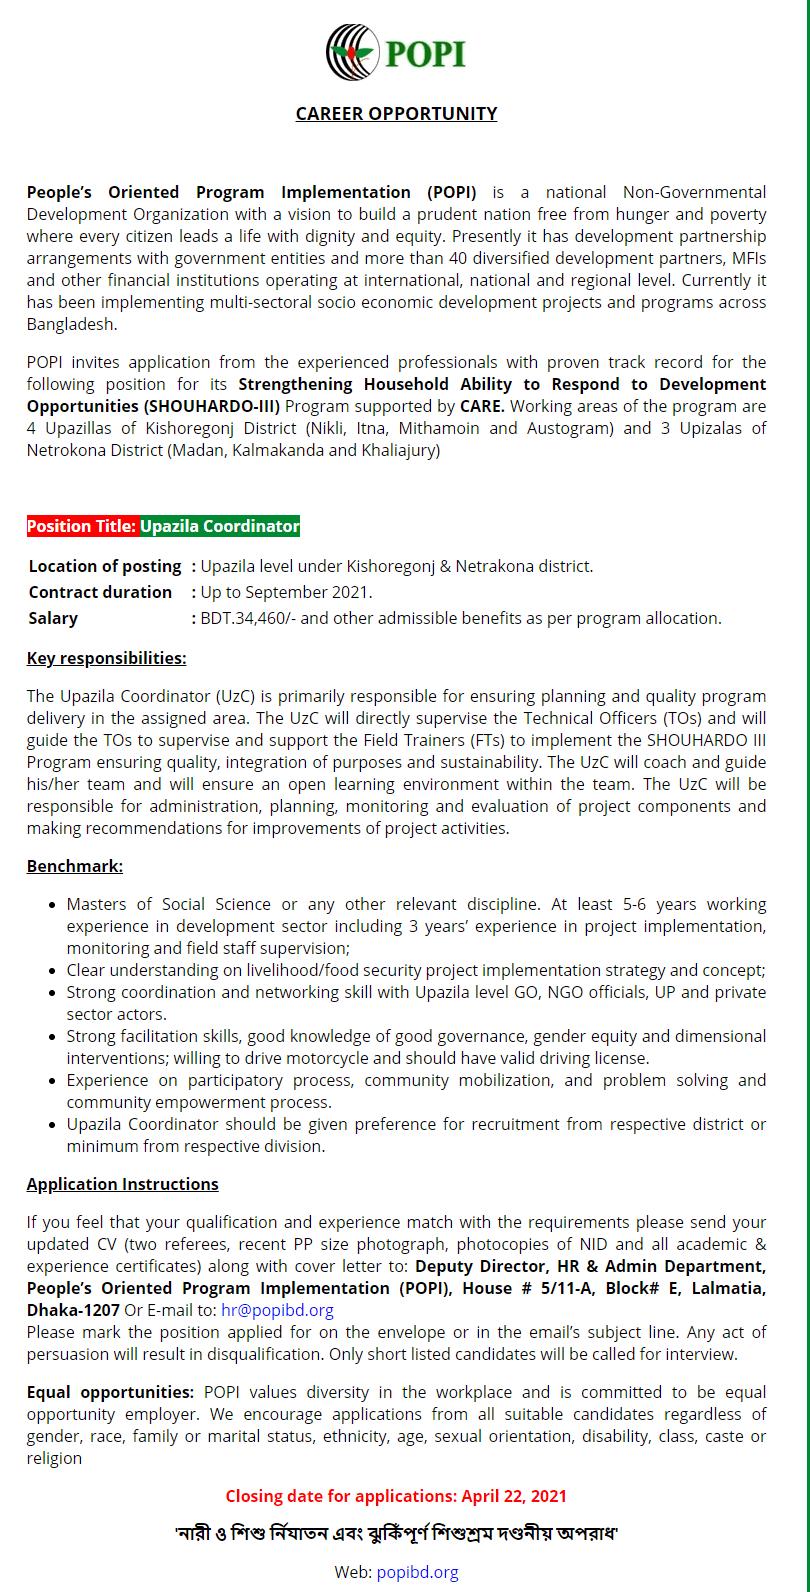 POPI Job Circular 2021